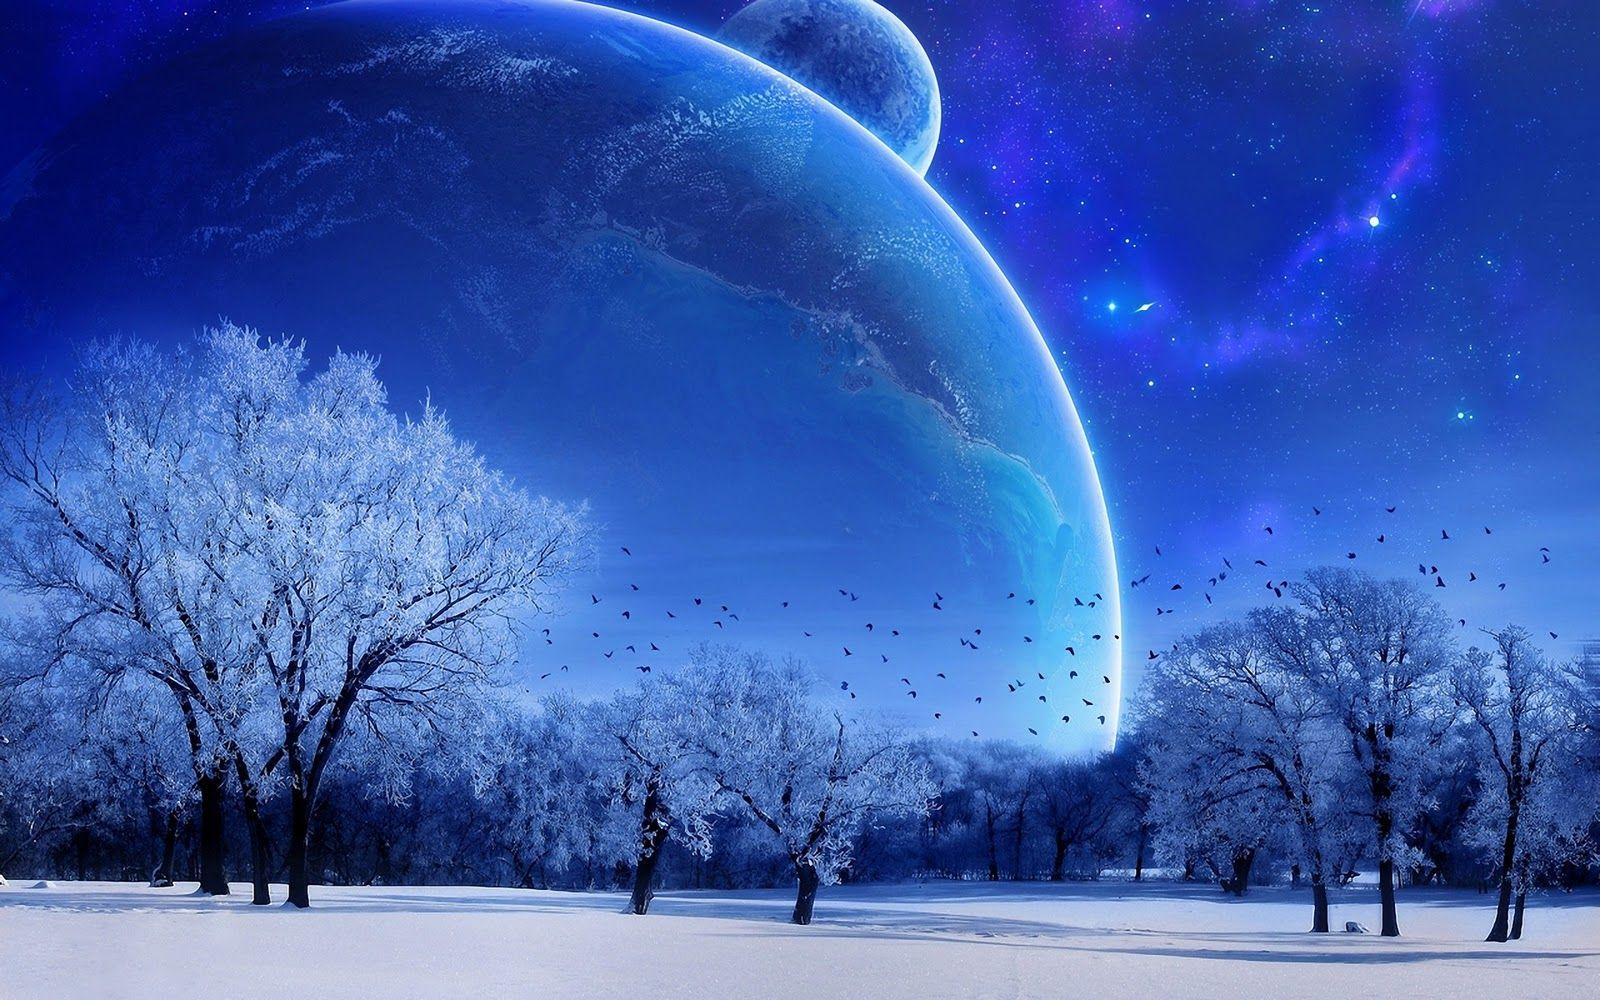 Tolle Hintergrundbilder Kostenlos desktop hintergrundbilder winter winter hintergrundbild